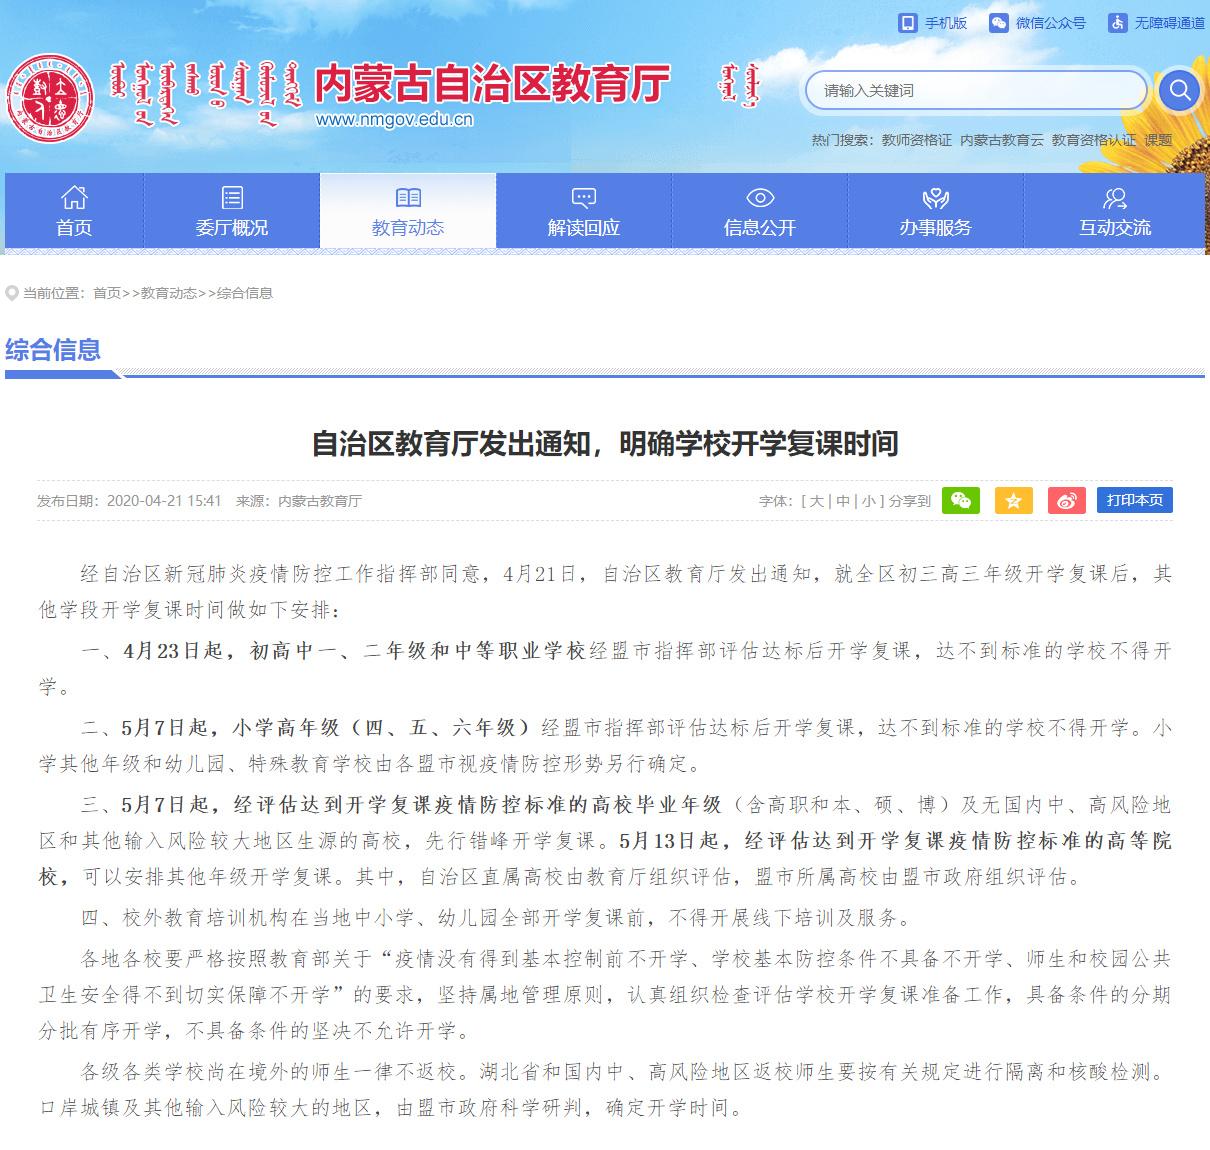 内蒙古教育厅:中小学各批次春季开学时间确定